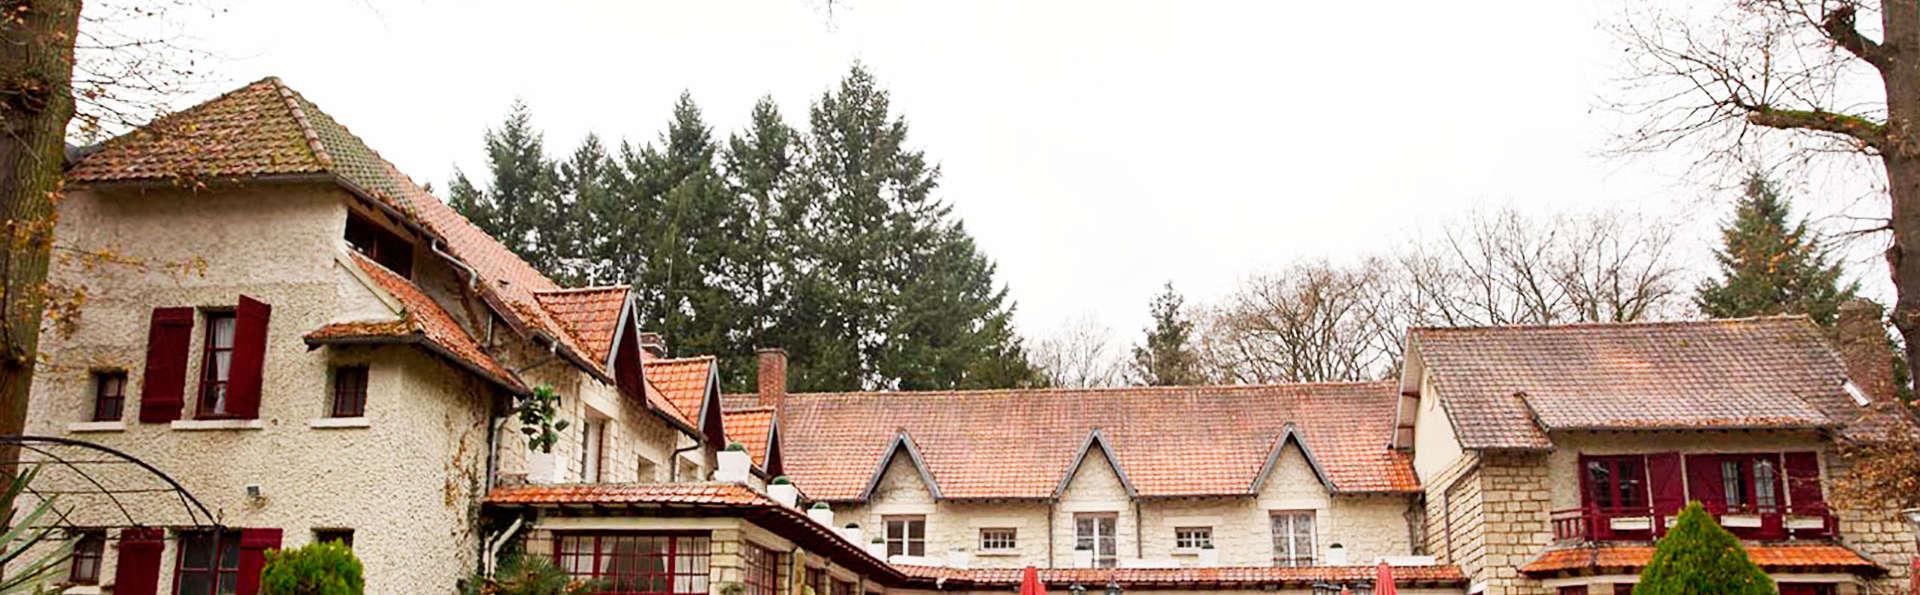 Hostellerie du Lys - EDIT_fron1.jpg